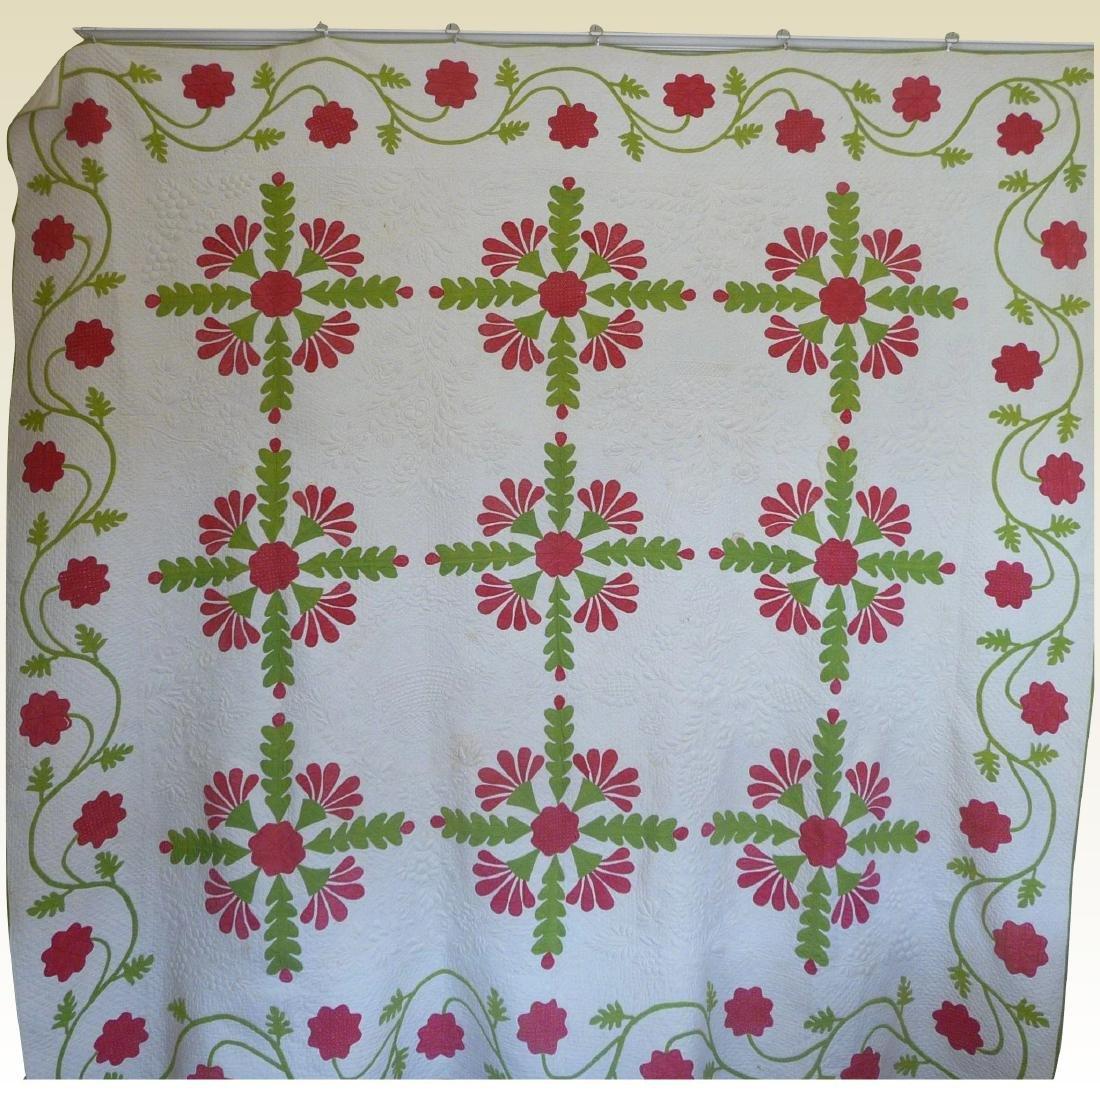 Trapunto Applique Quilt Exquisite Initialed 1800's